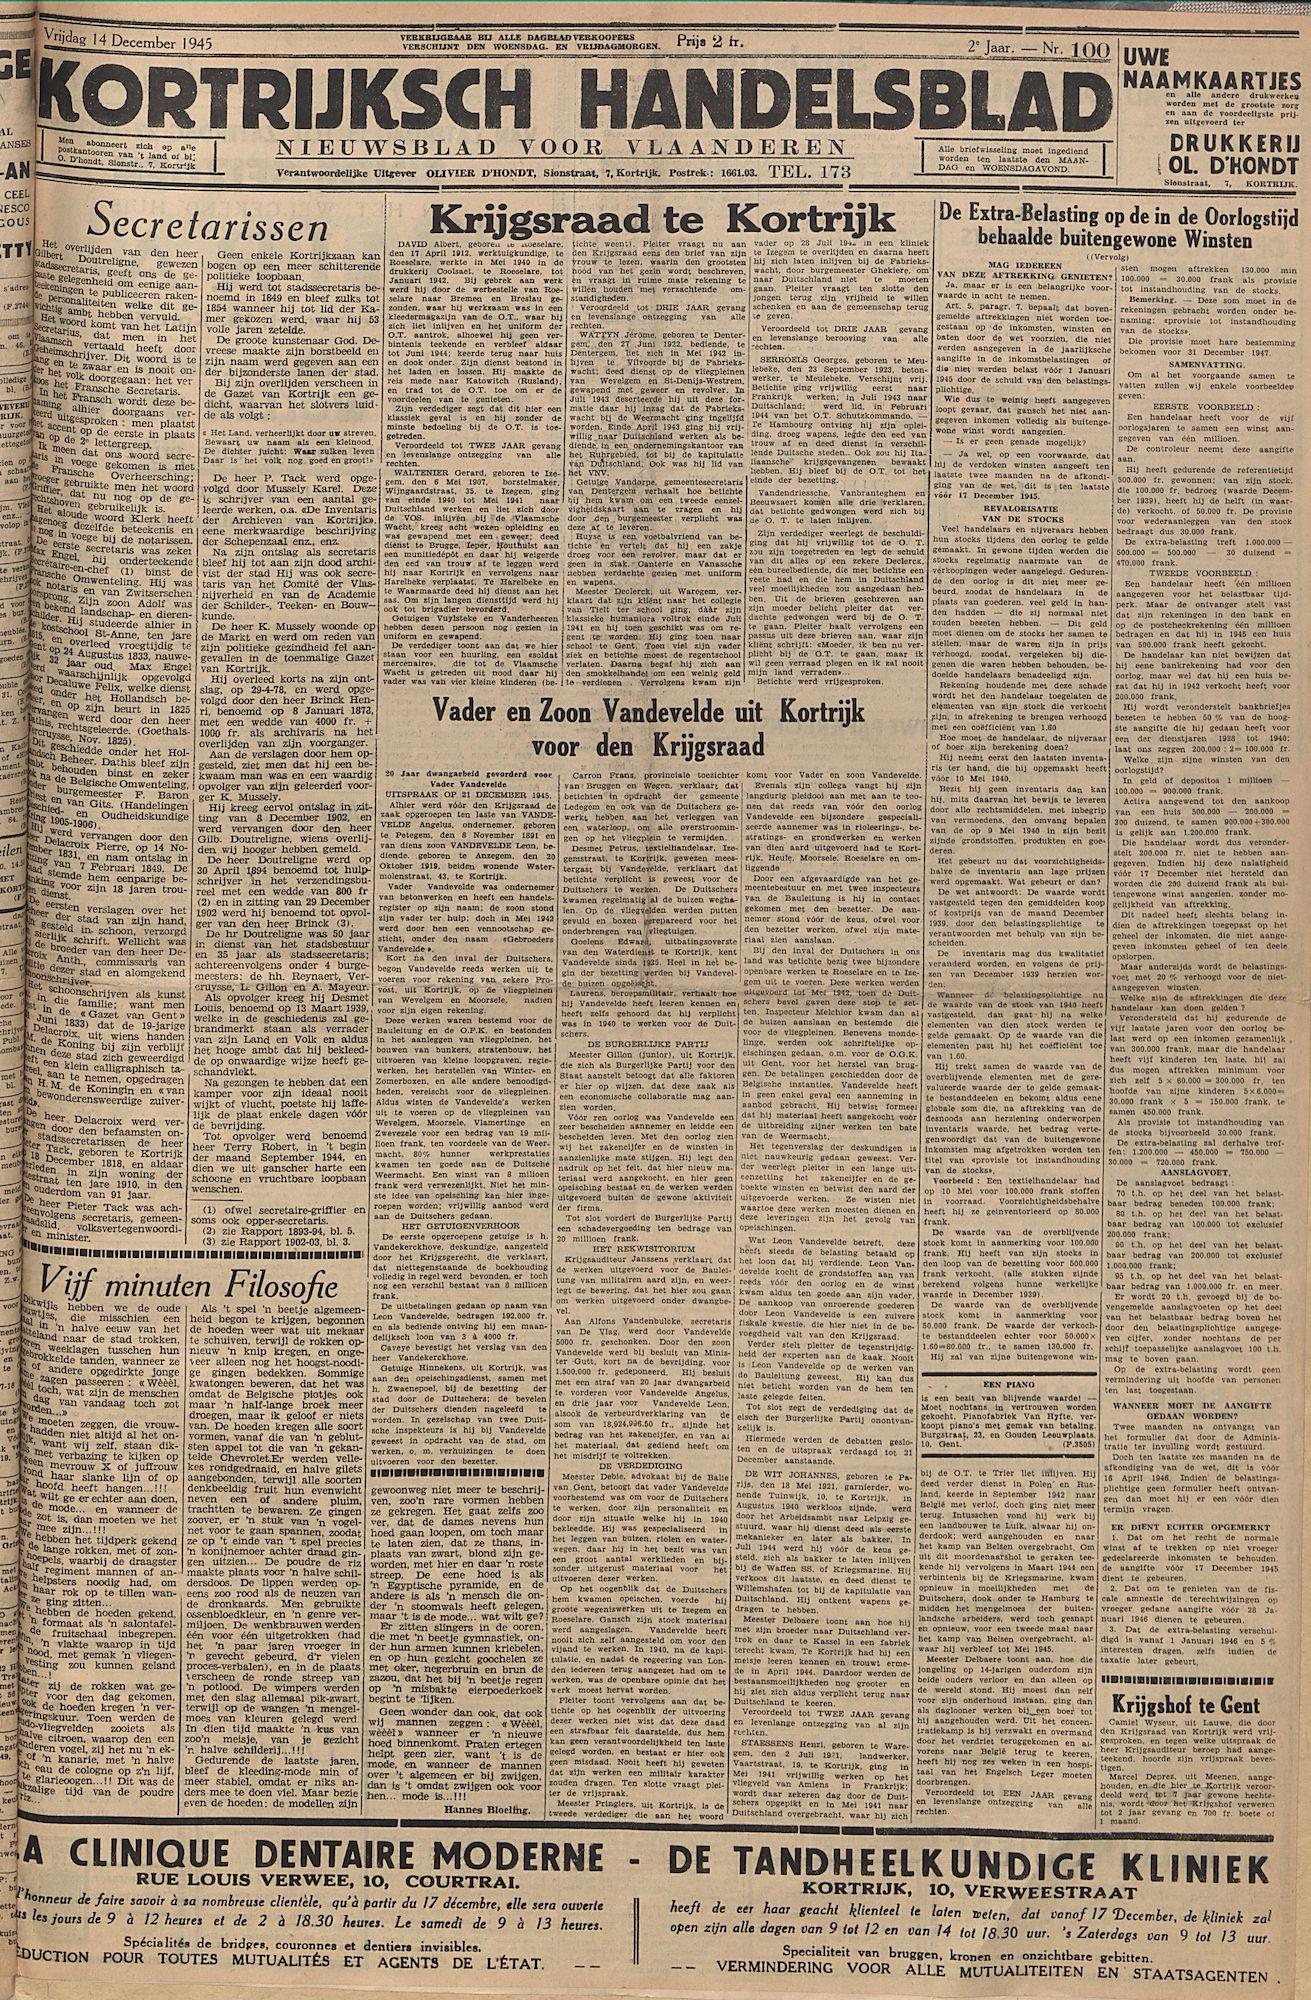 Kortrijksch Handelsblad 14 december 1945 Nr100 p1